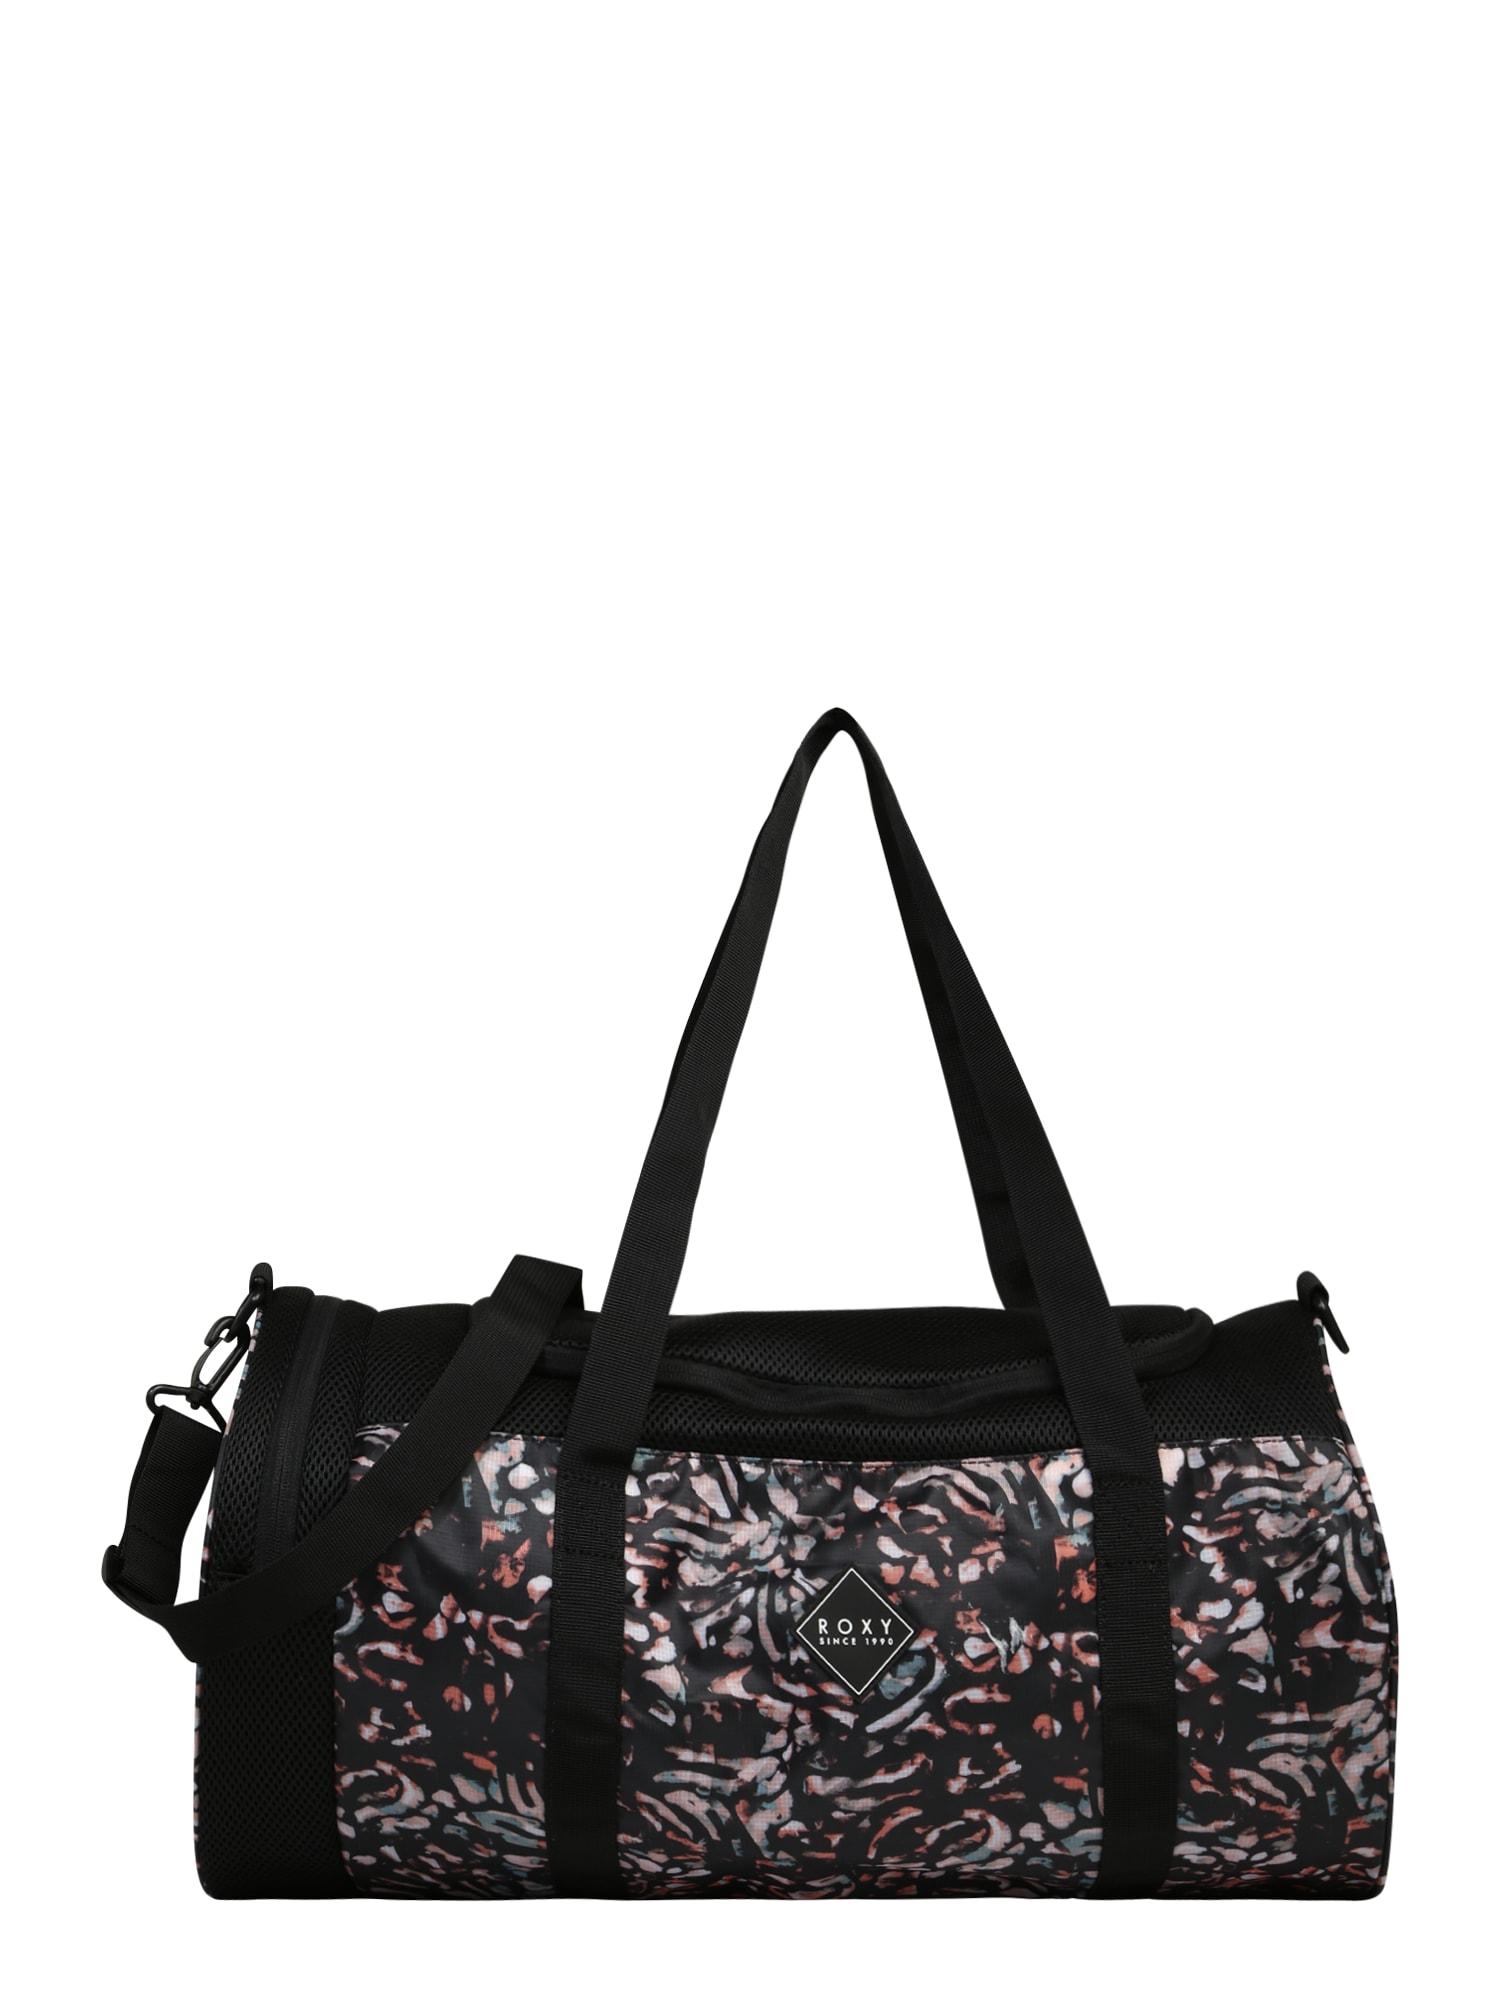 ROXY Sportovní taška 'Celestial World'  černá / růže / béžová / opálová / bílá